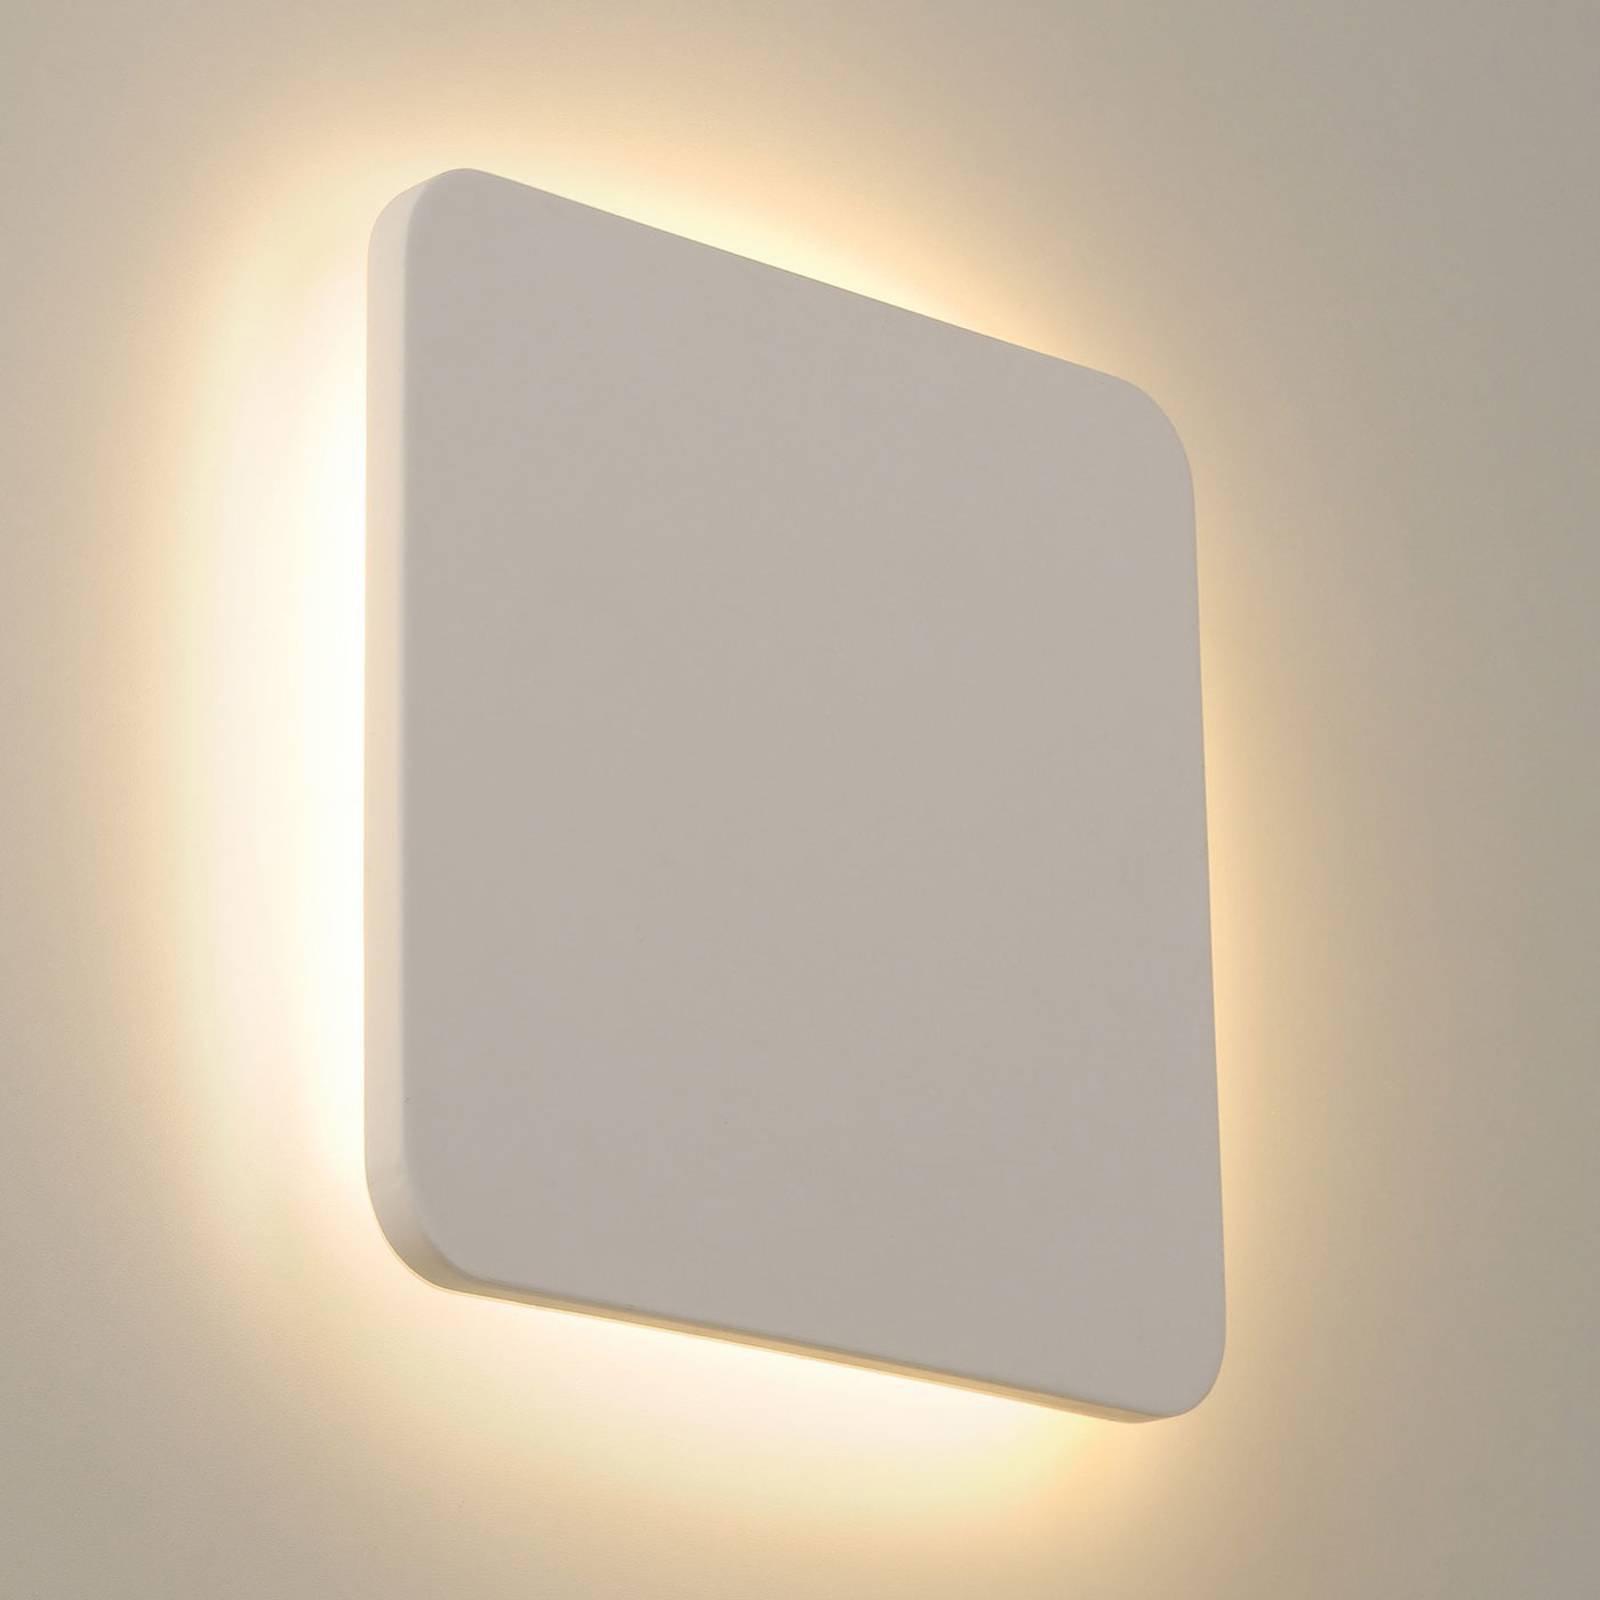 SLV Plastra LED-vegglampe av gips, kantet, 30x30cm